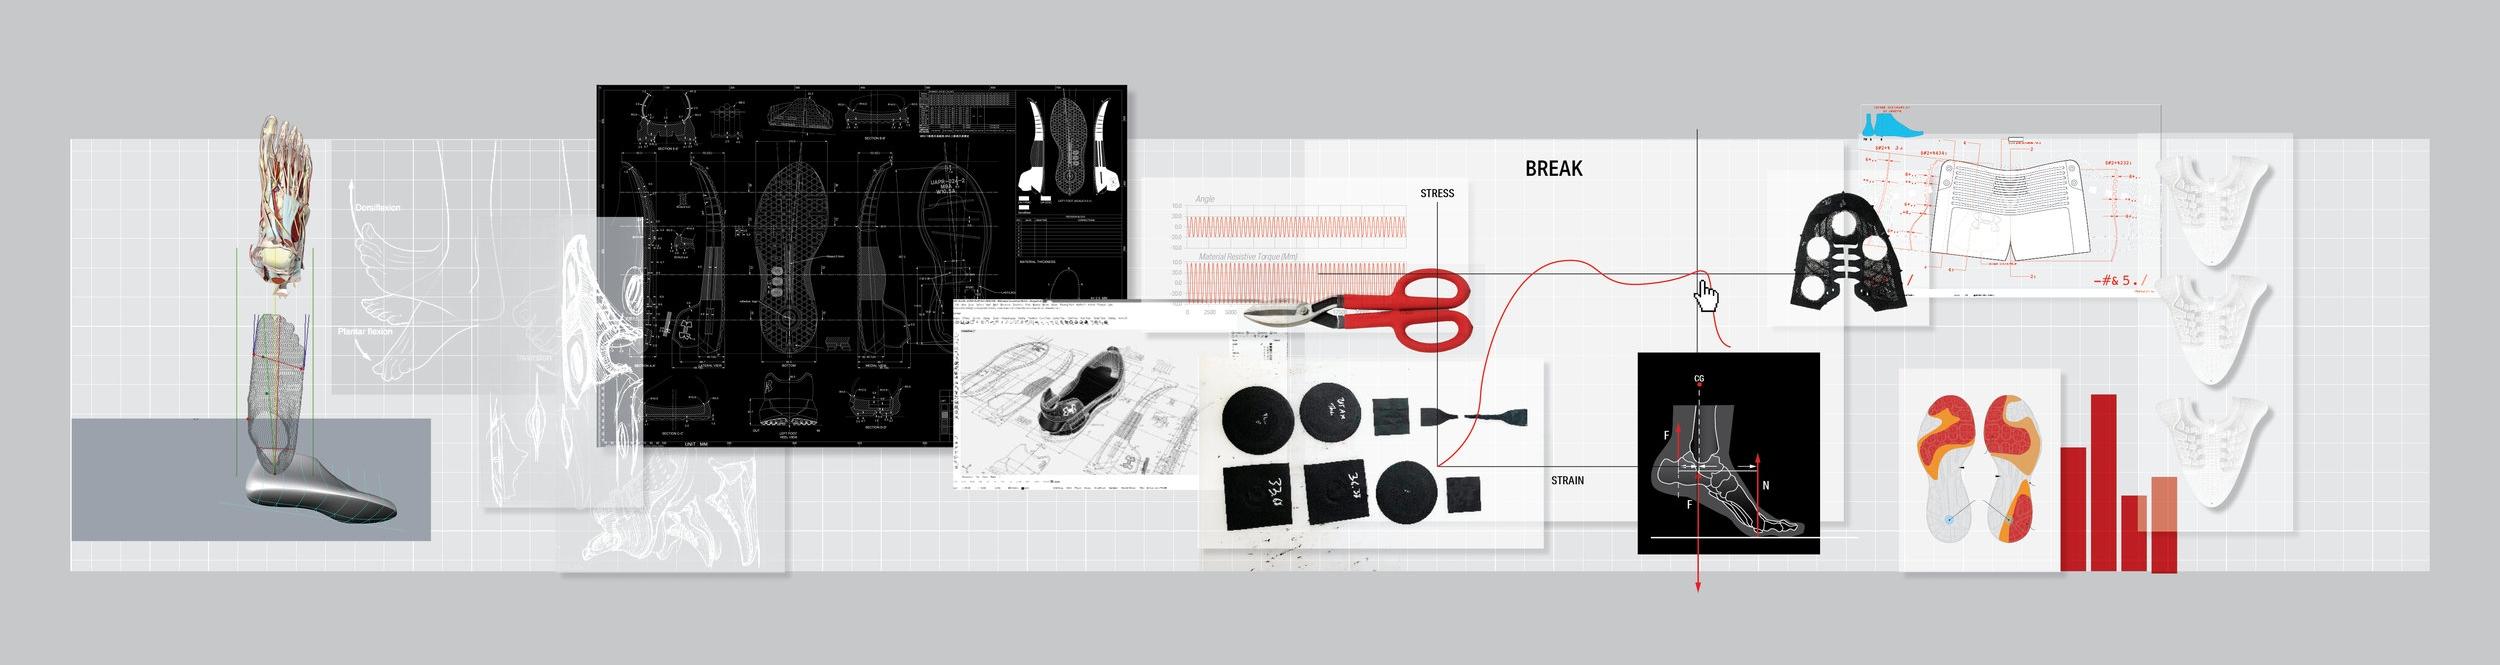 footwear development18.jpg